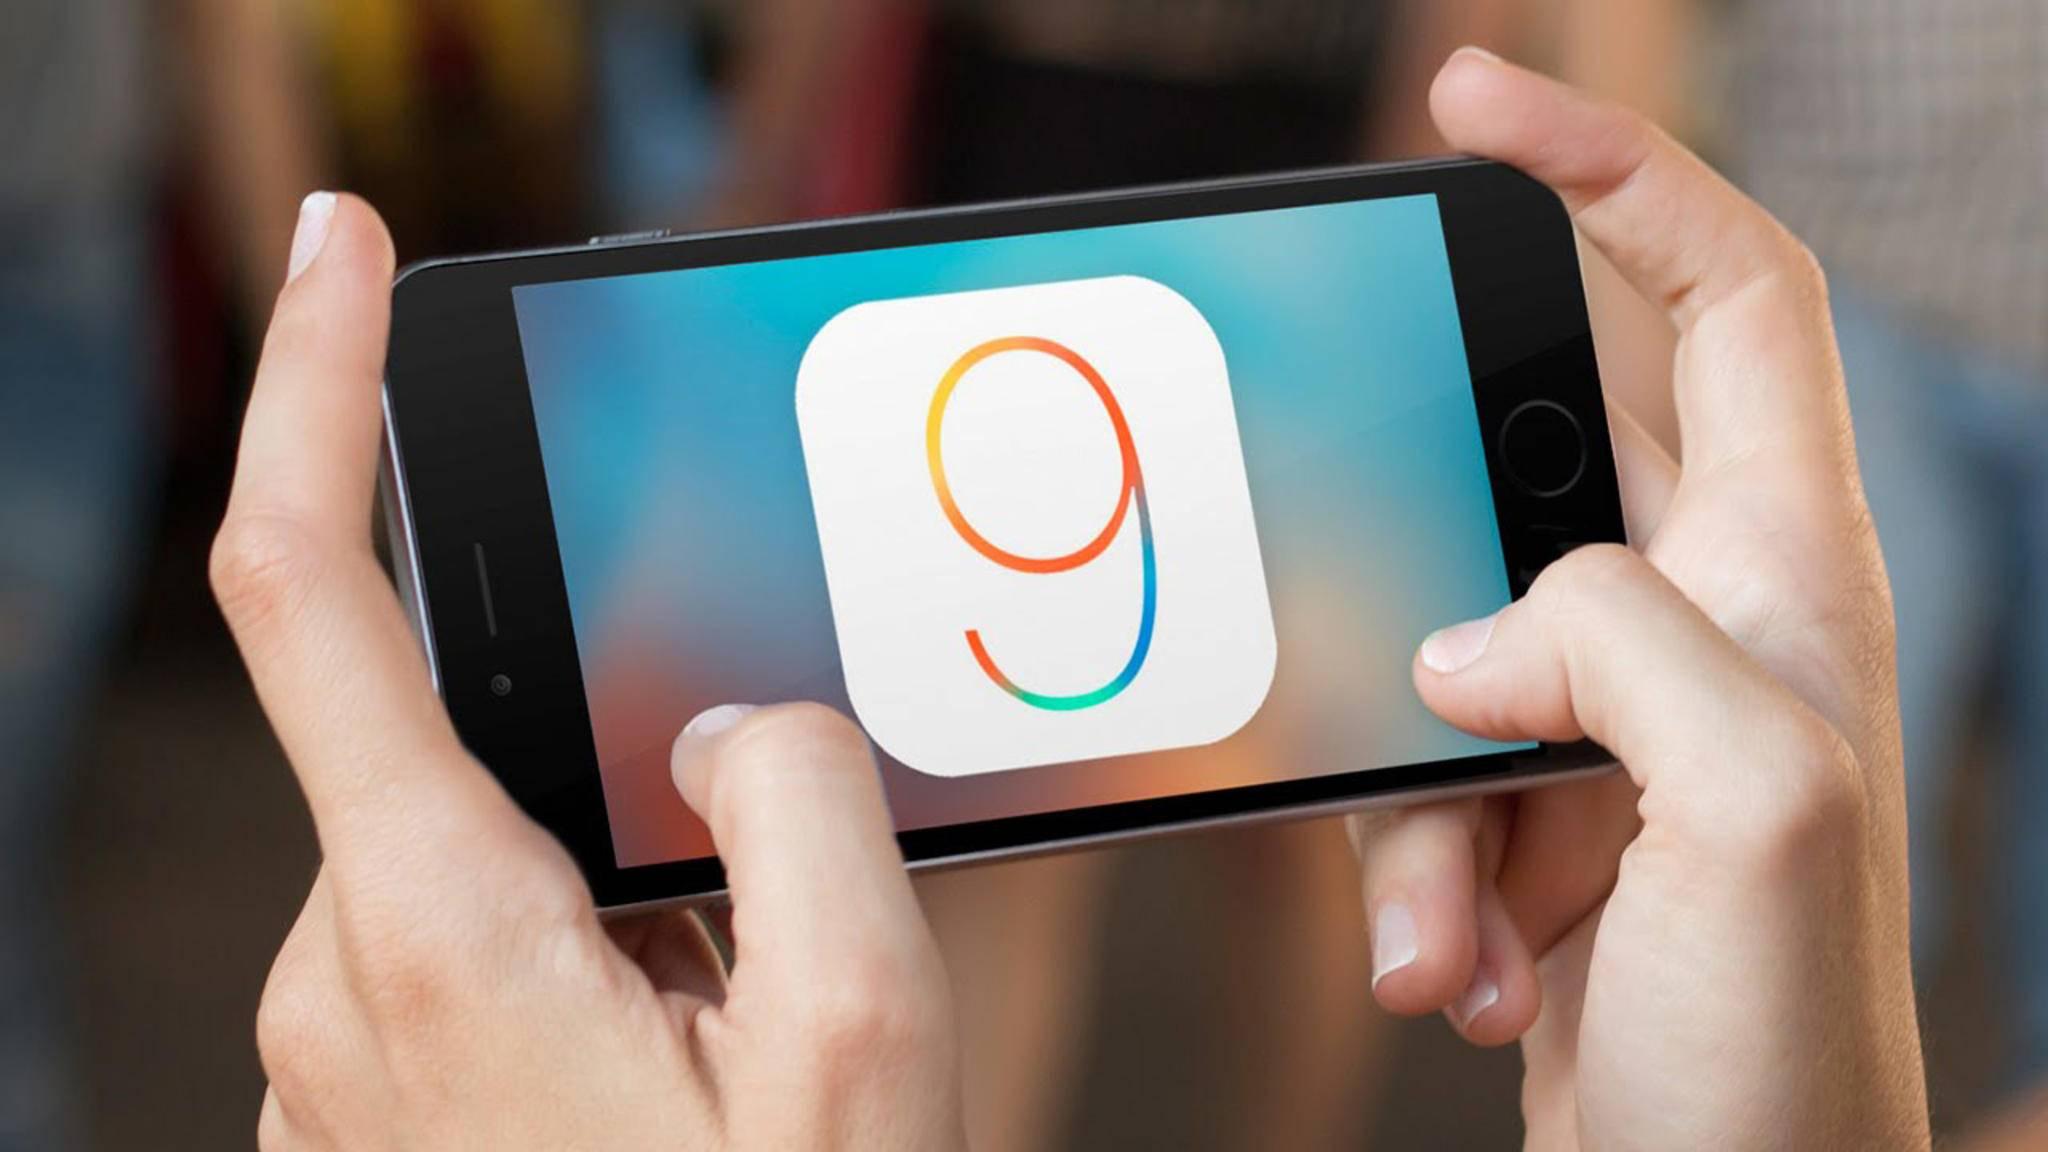 Apple bestätigte jetzt die Echtheit des geleakten iOS-9-Codes.